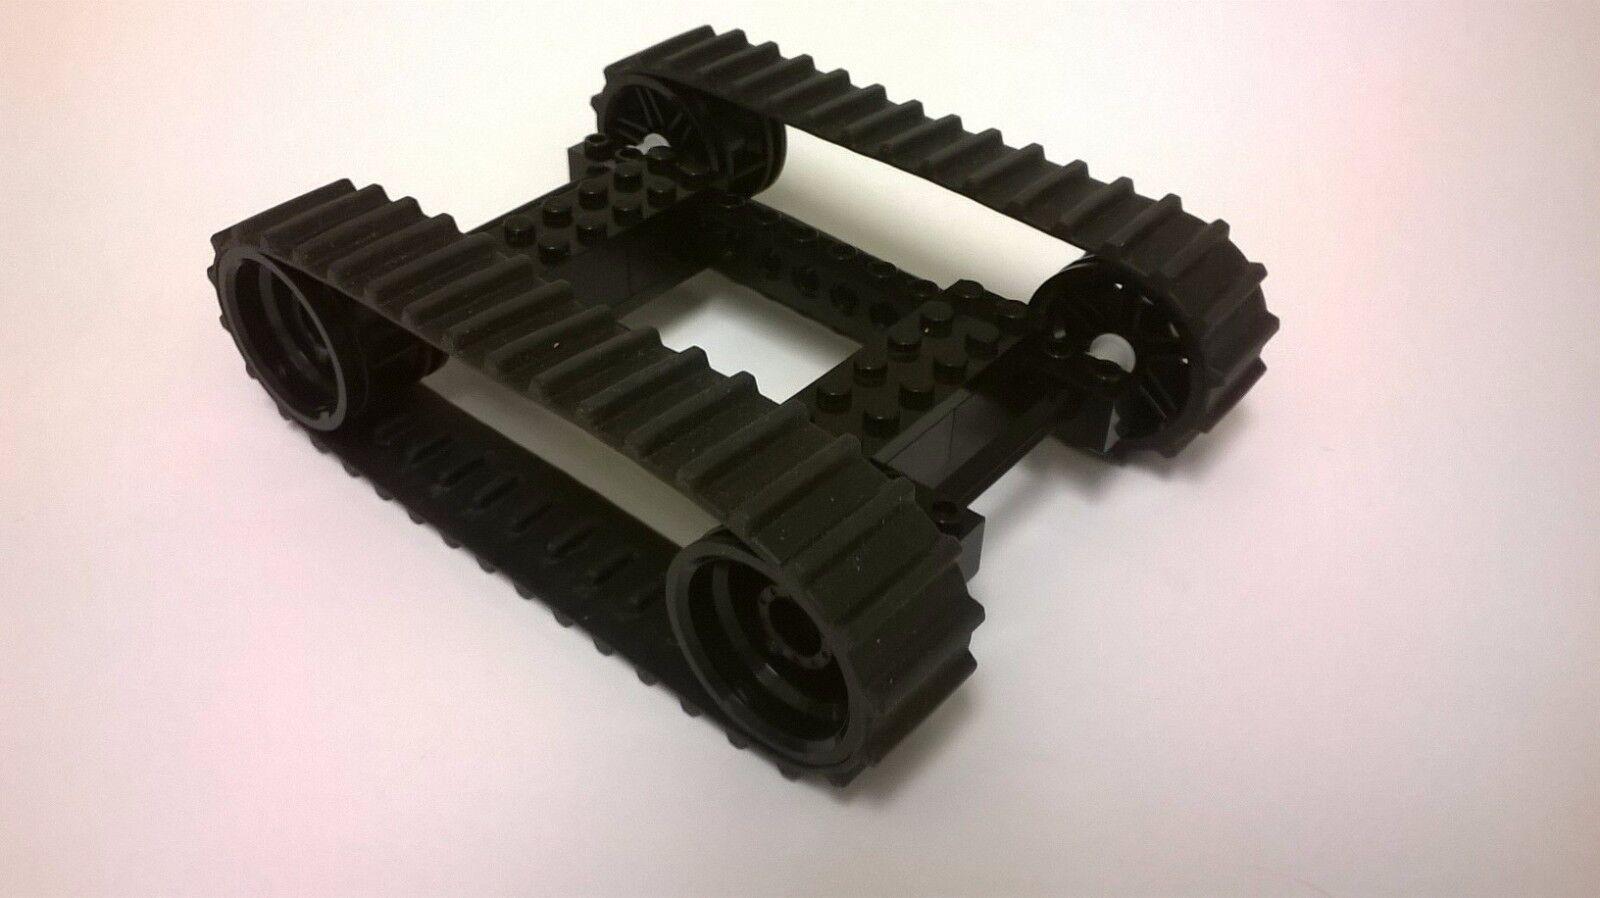 Lego Tanque peldaños-costumbre construido pistas de goma w ruedas Tanque ciudad de construcción